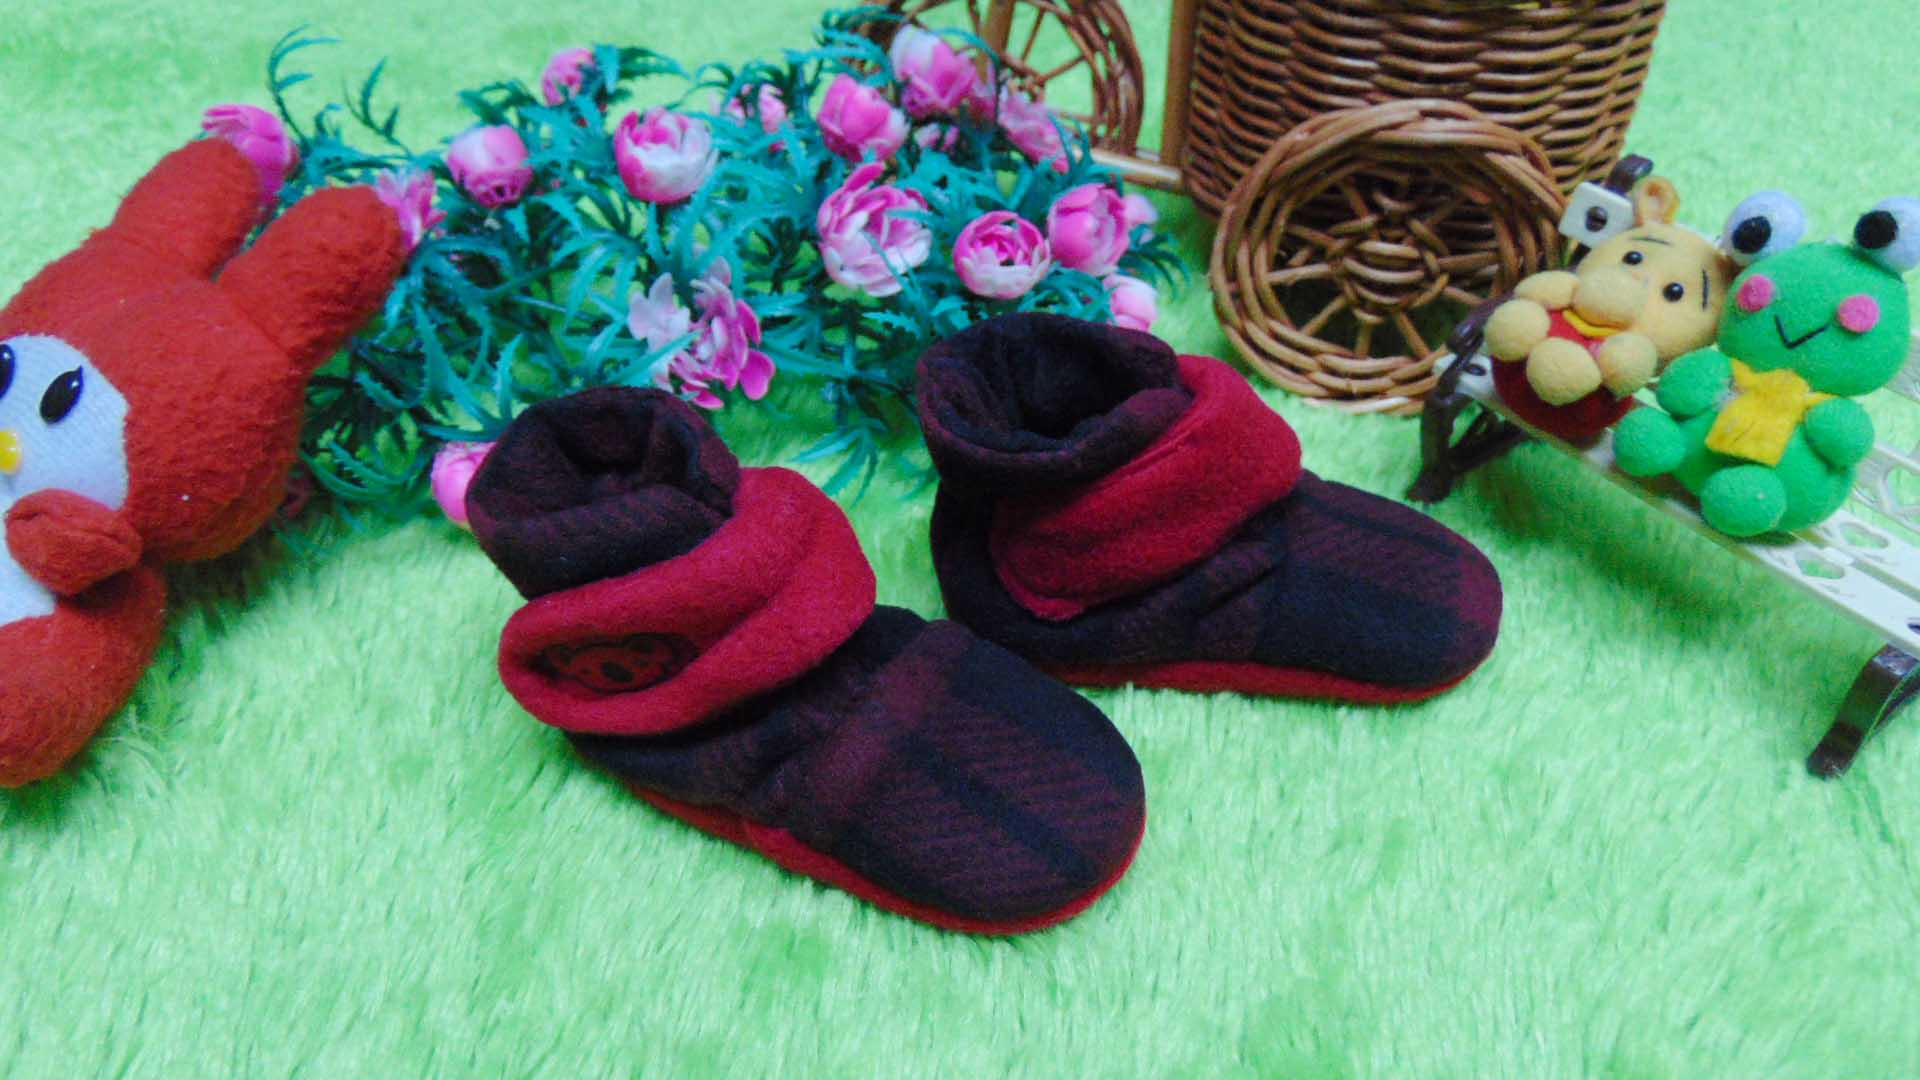 Cuddle Me Baby Booties Check Red Daftar Harga Terbaru Dan Mantel Bayi Cape Kado Sepatu Prewalker Newborn 0 6bulan Cuddleme Motif 1